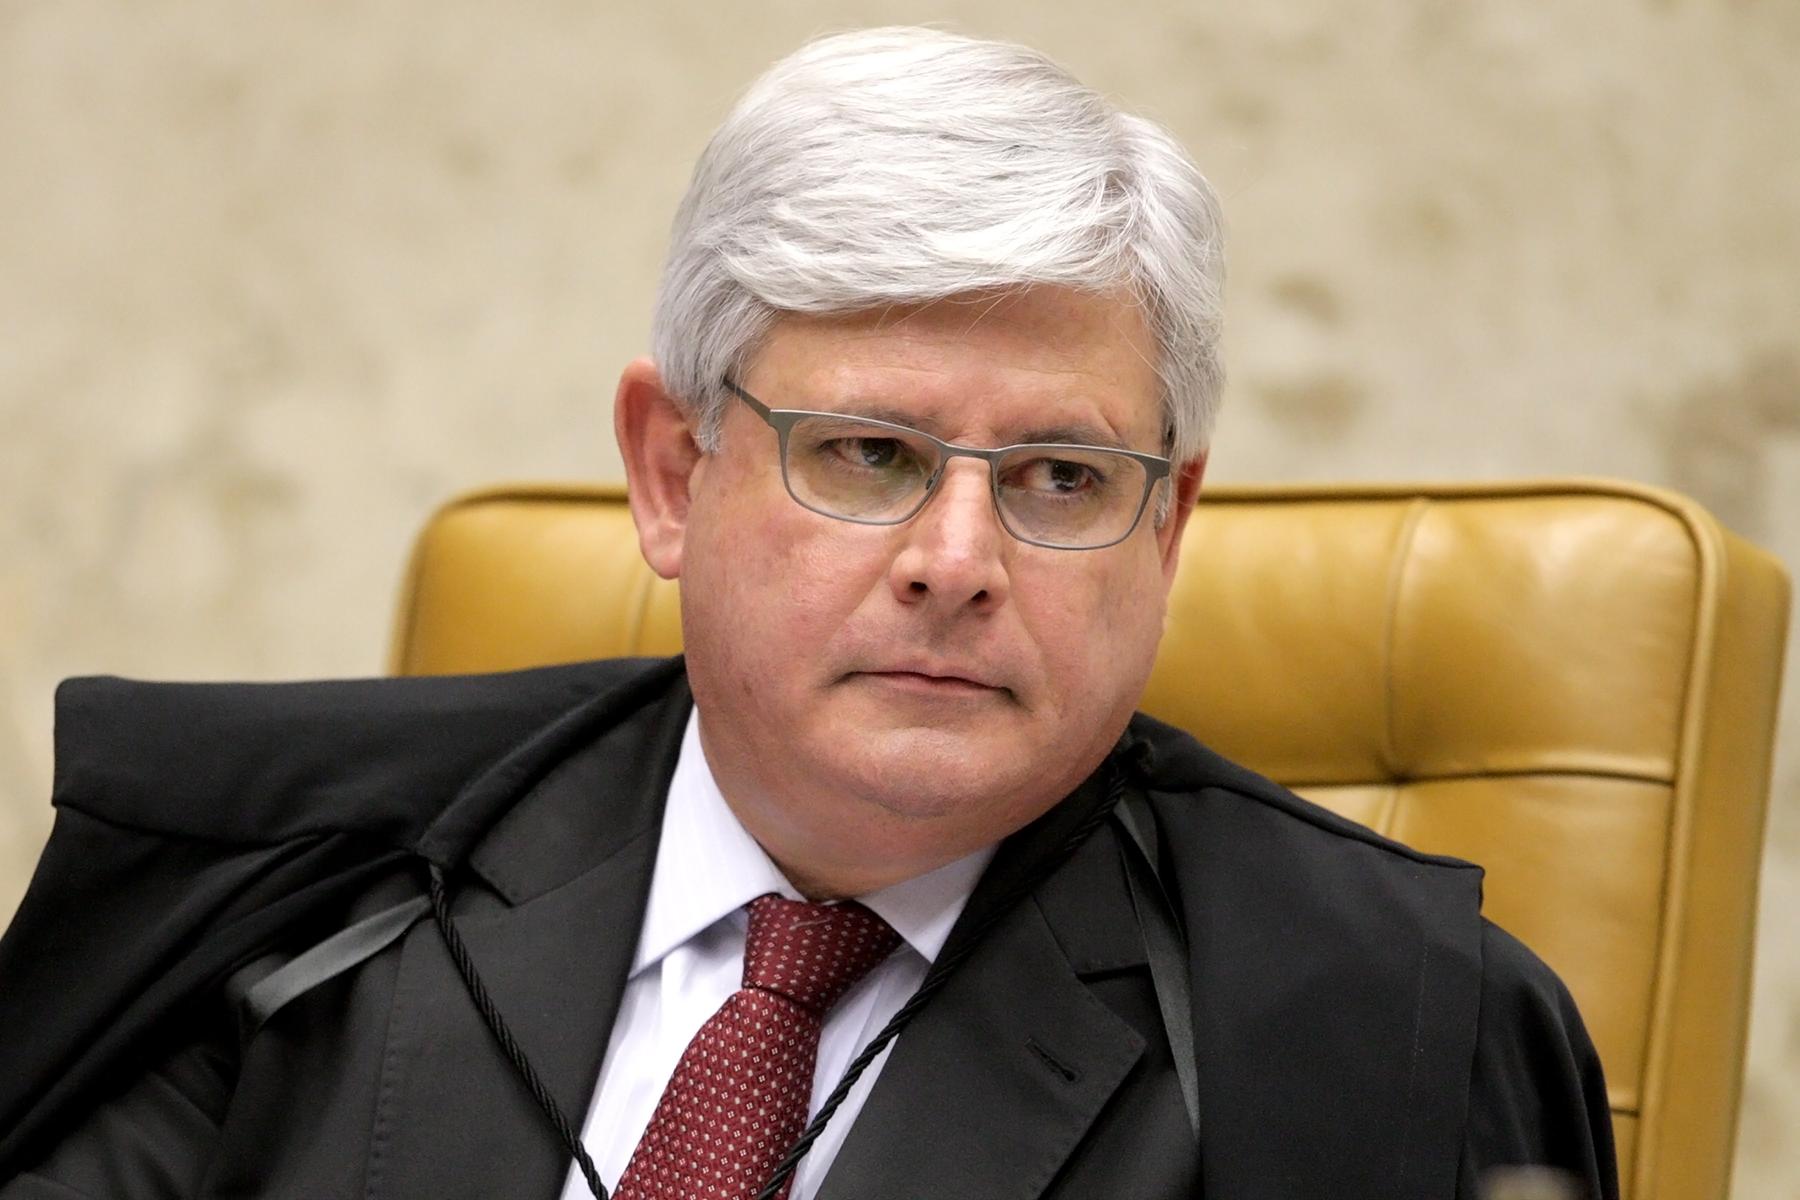 Janot arquiva ação contra Dilma e critica a Justiça Eleitoral